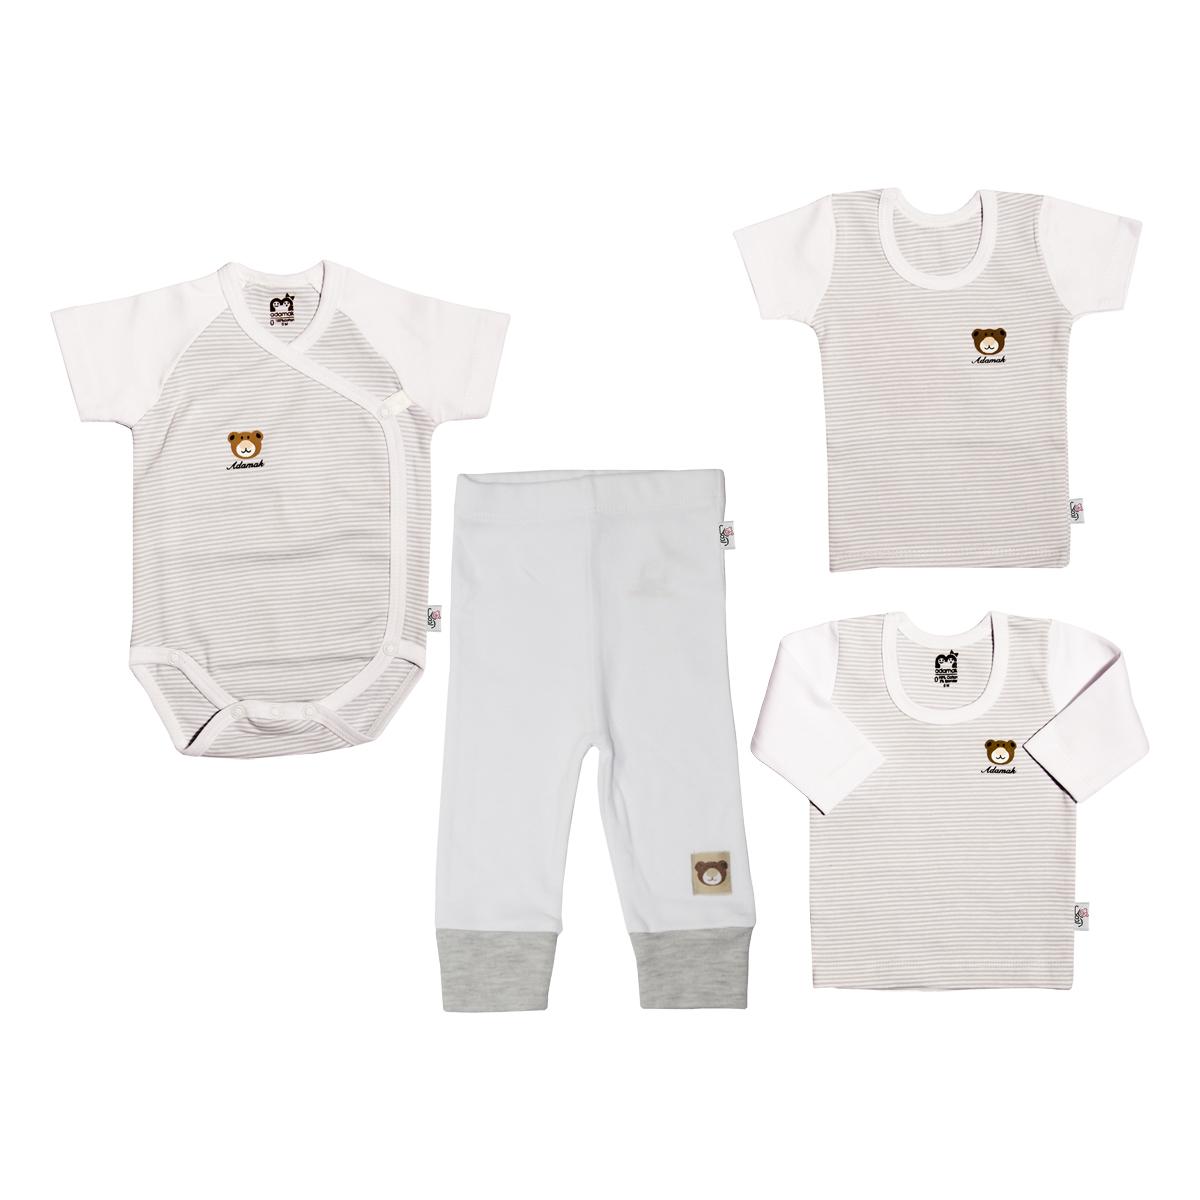 ست 4 تکه لباس نوزاد آدمک طرح راه راه کد 0-152083 رنگ طوسی